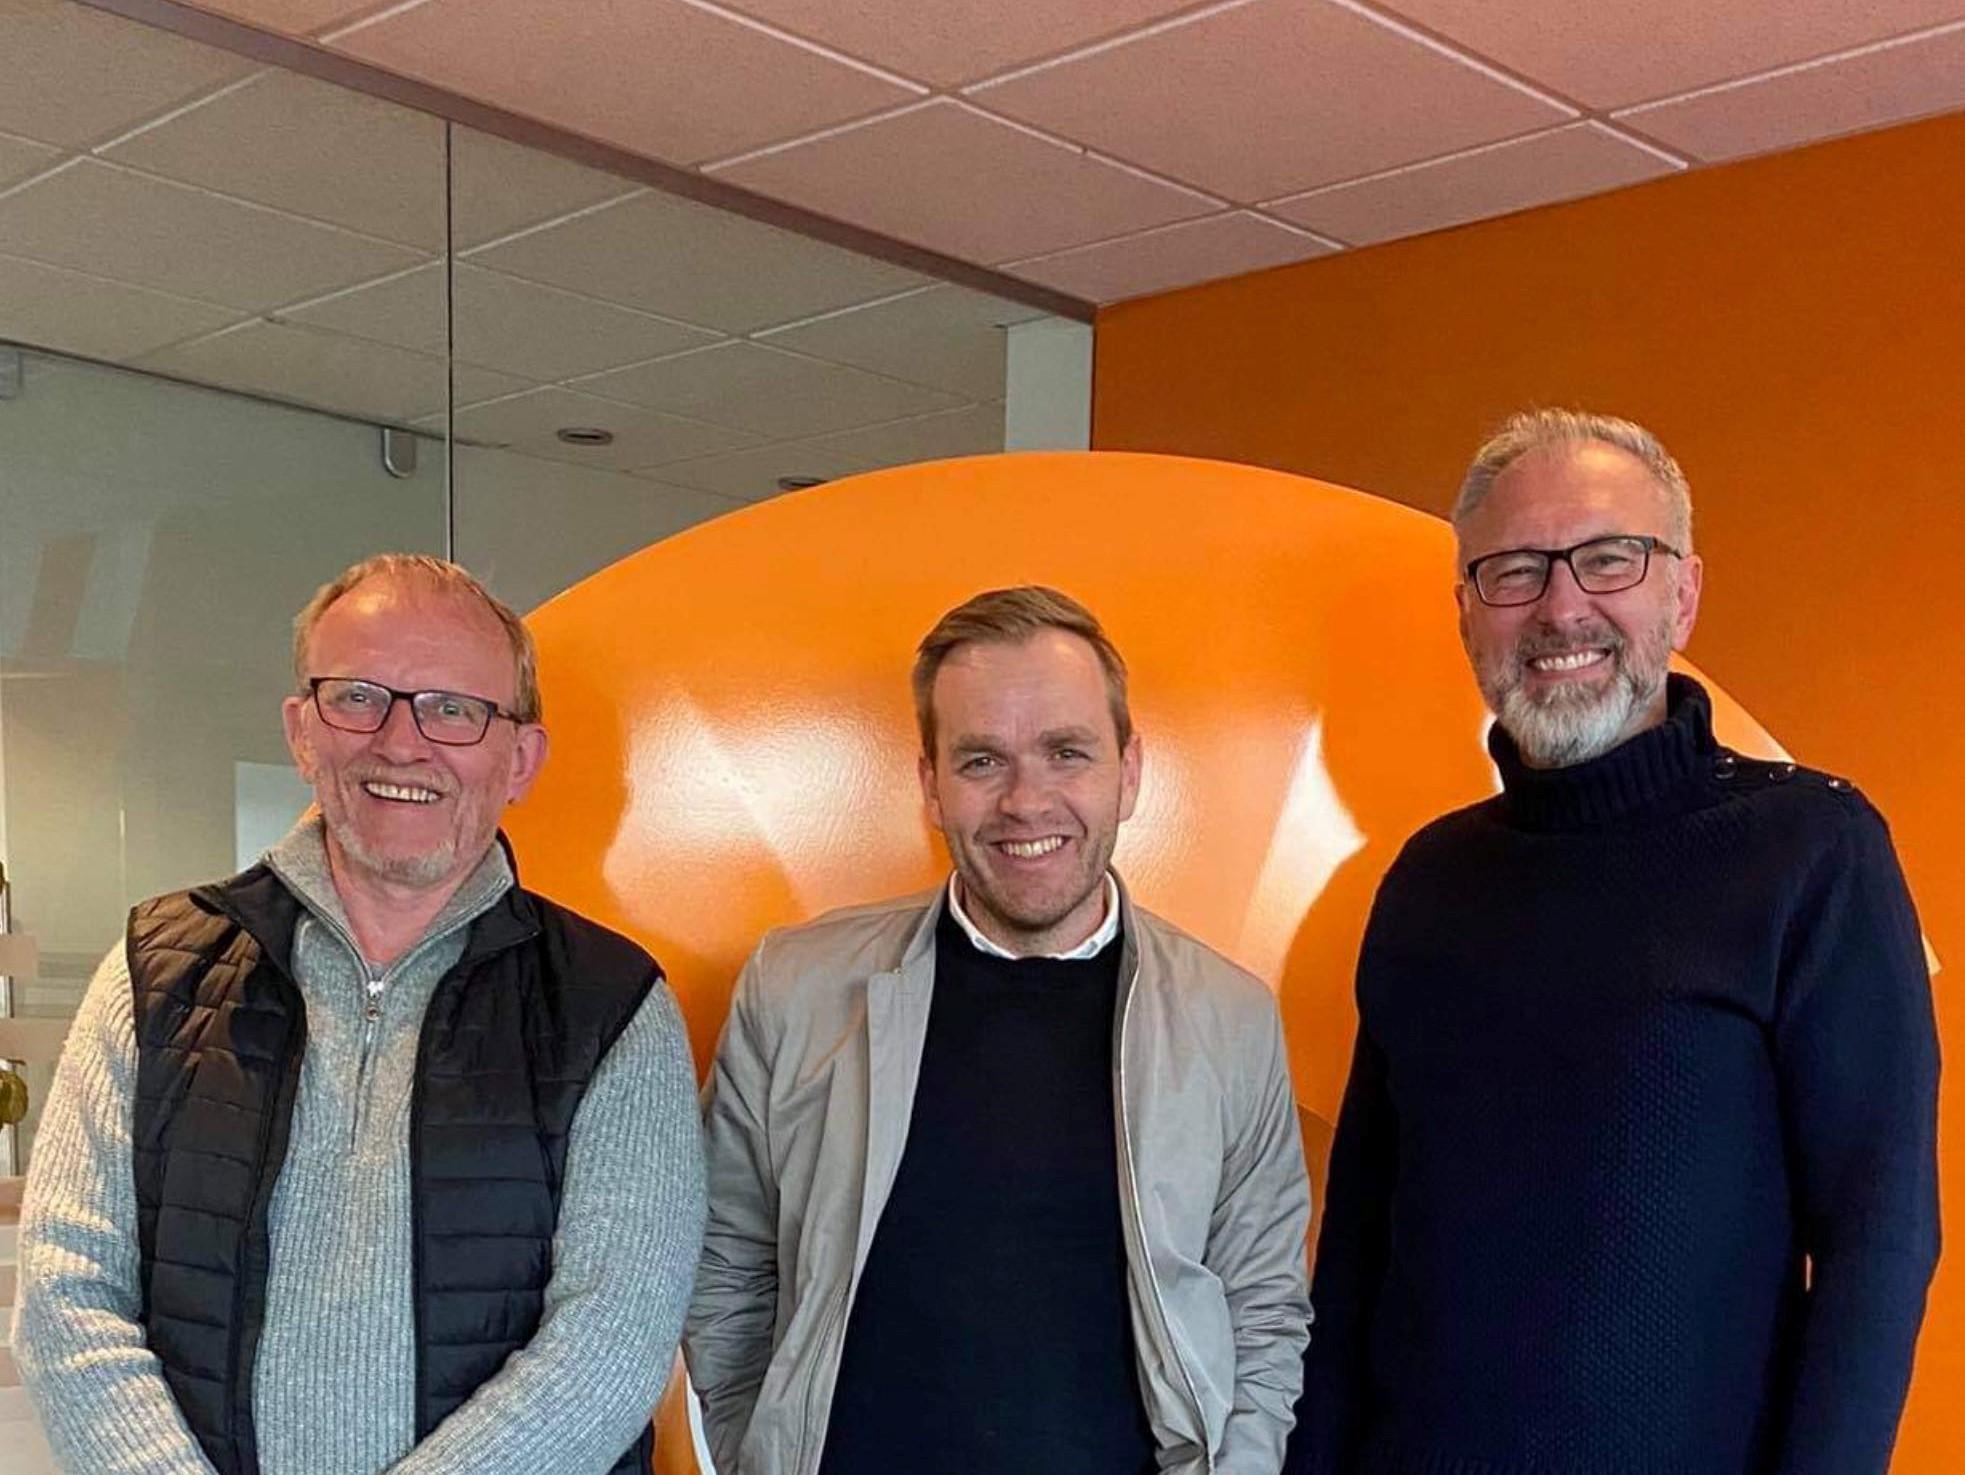 Eiríkur Björn Björgvinsson, Guðbrandur Einarsson og Guðmundur Gunnarsson. Alþingiskosningar 2021. 1. sæti Suðurkjördæmi (S) Norðvesturkjördæmi (NV) Norðausturkjördæmi (NA)